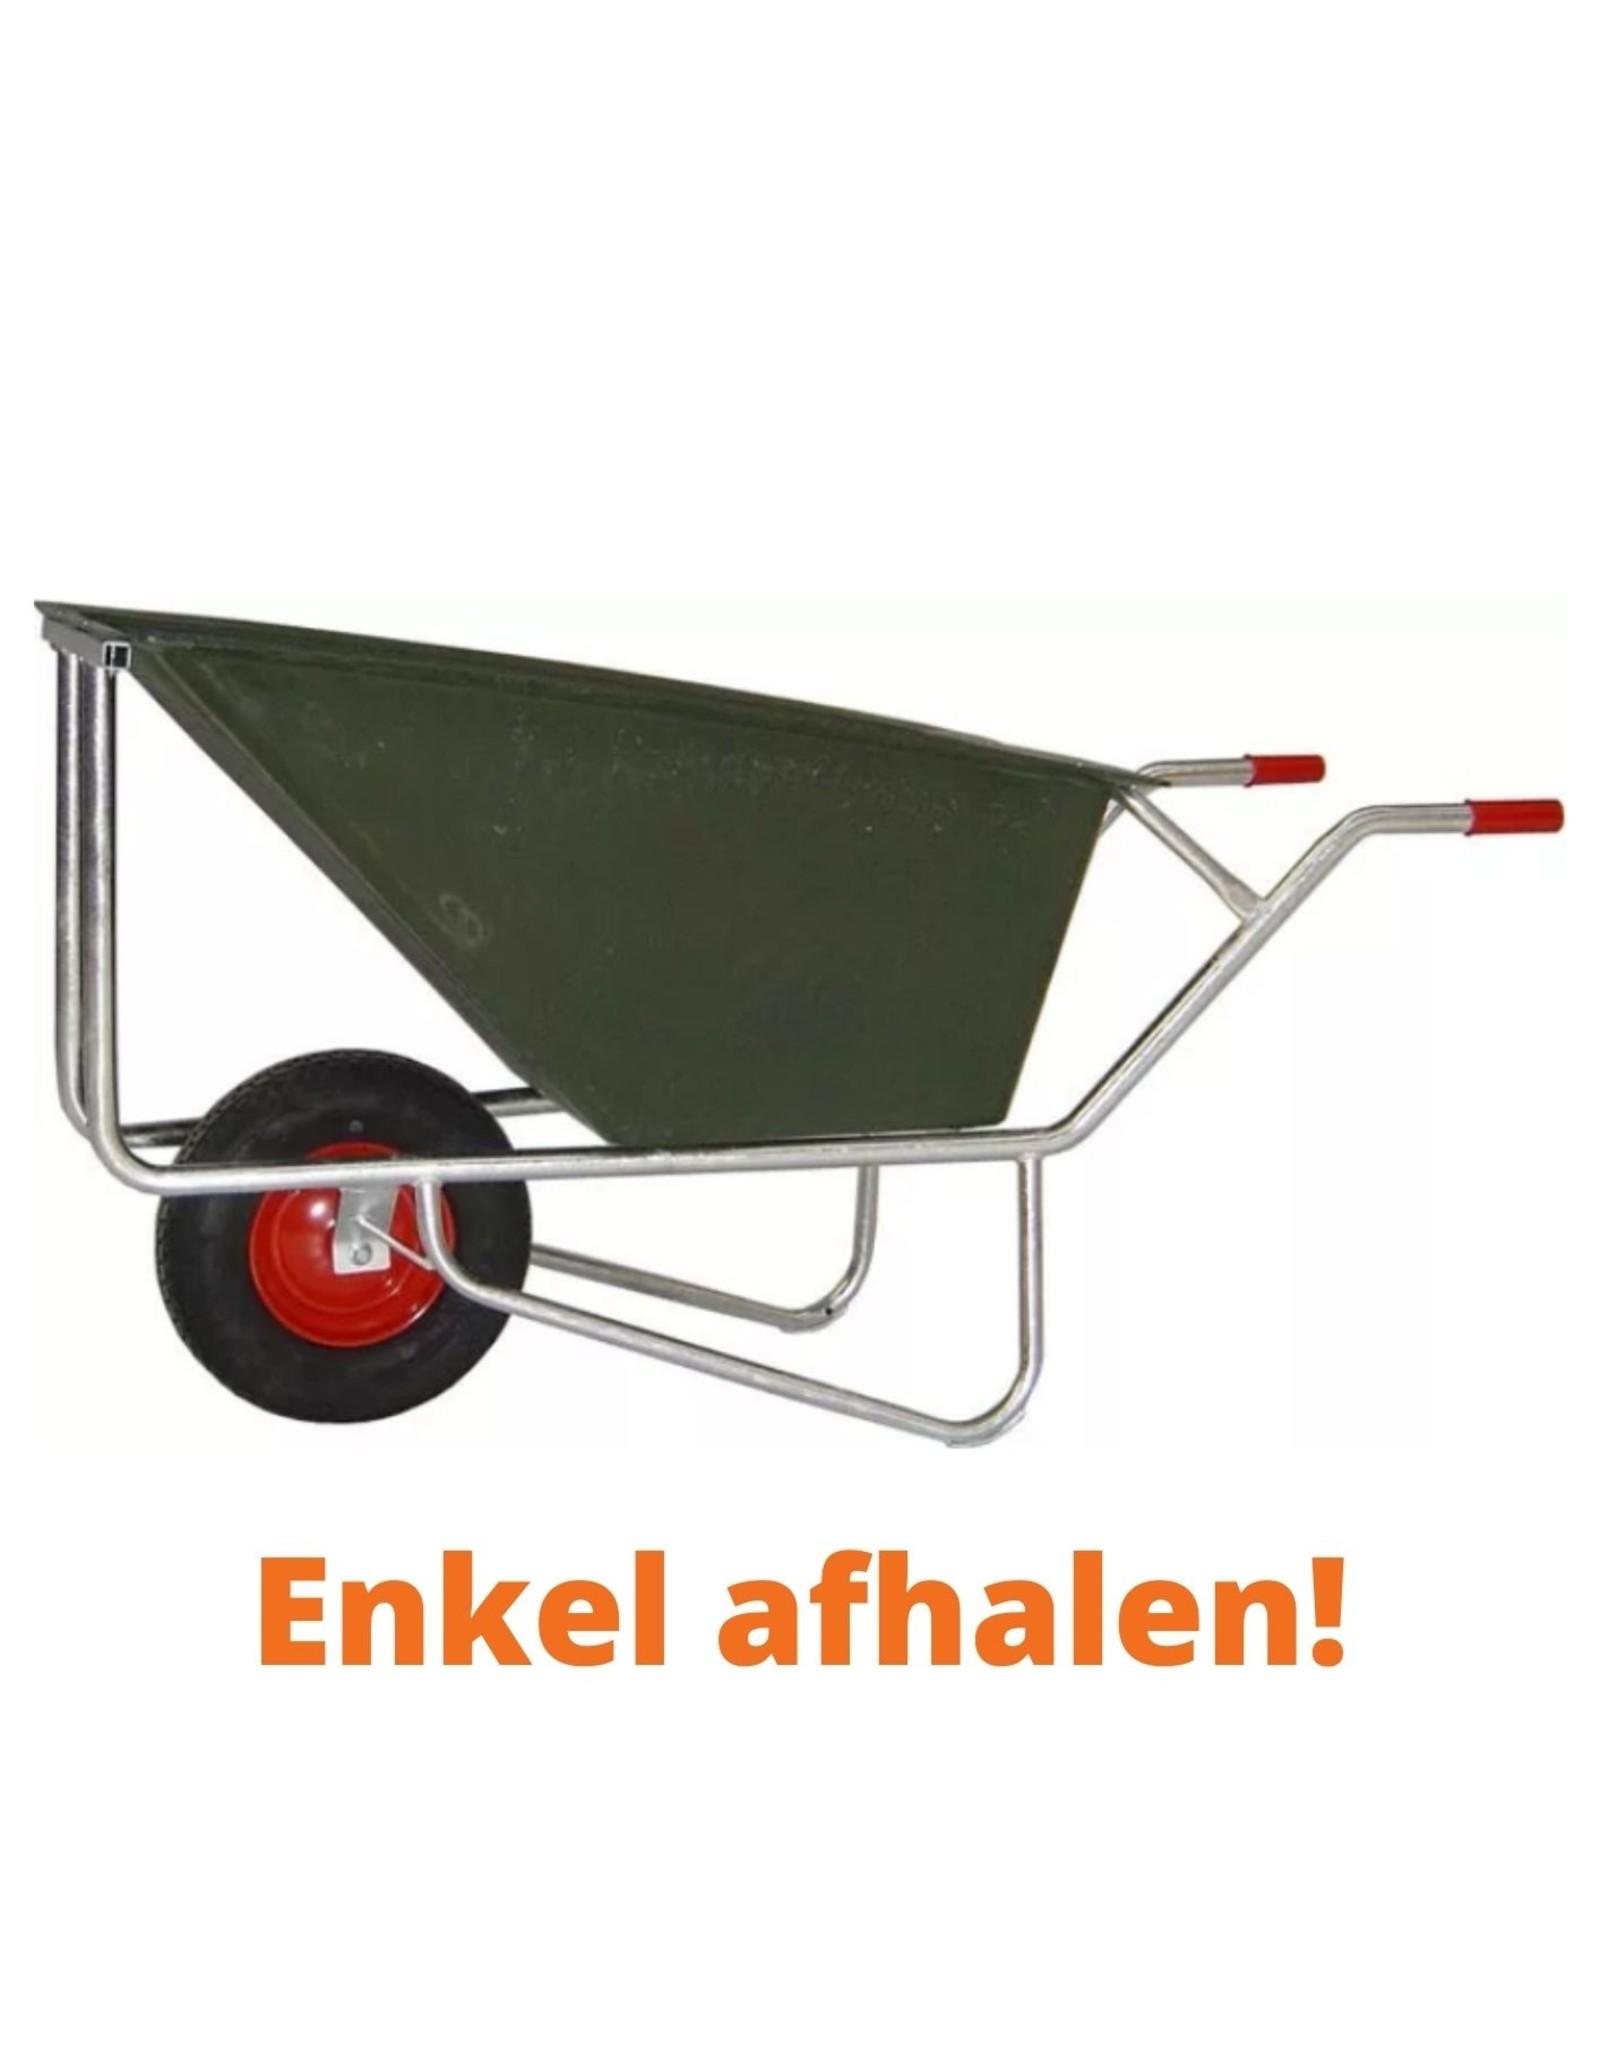 Van Eynde Wheelbarrow 200 1W